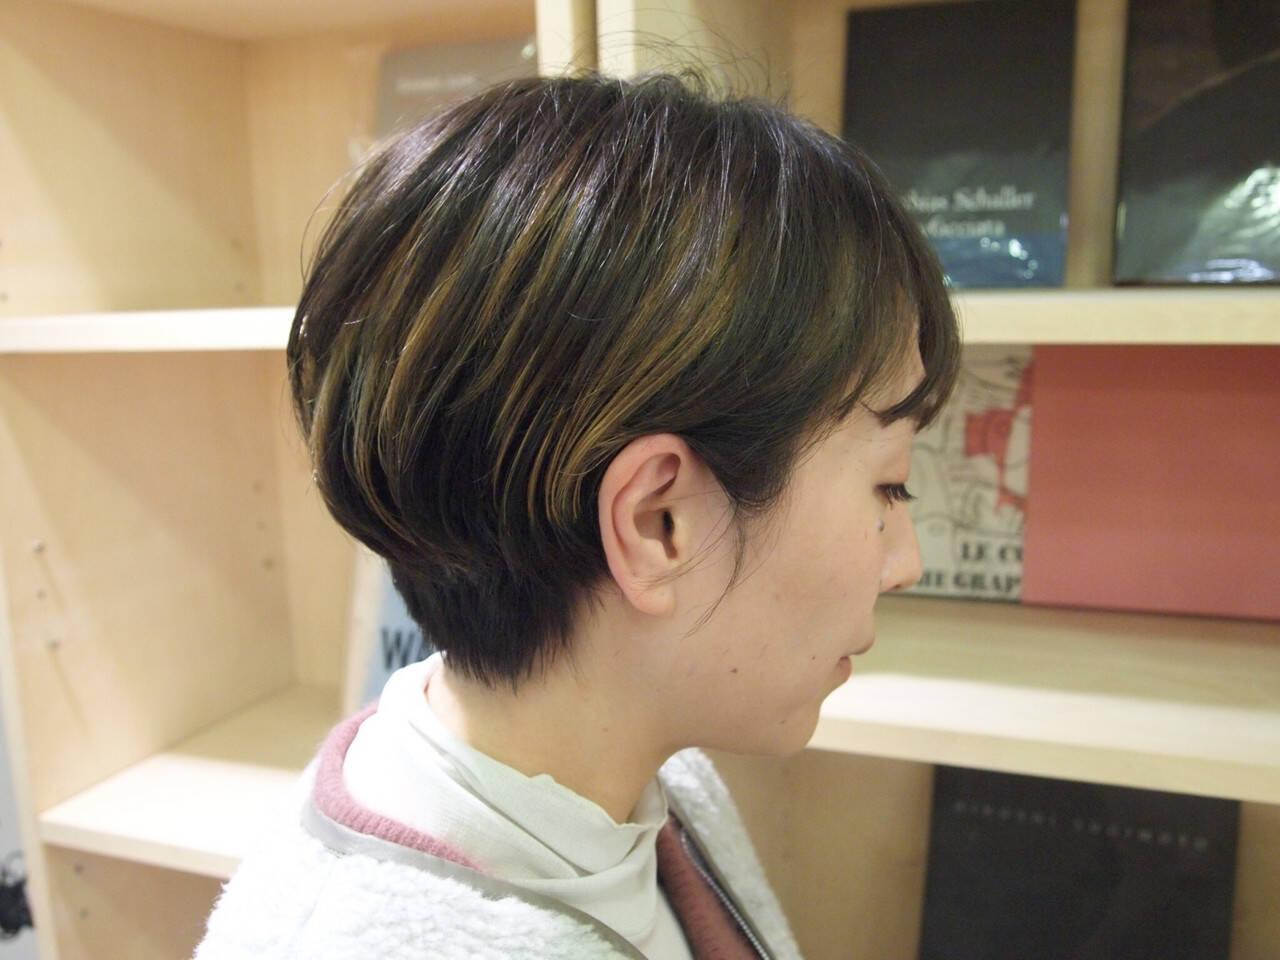 ハンサムショート インナーカラー ショートヘア ショートボブヘアスタイルや髪型の写真・画像